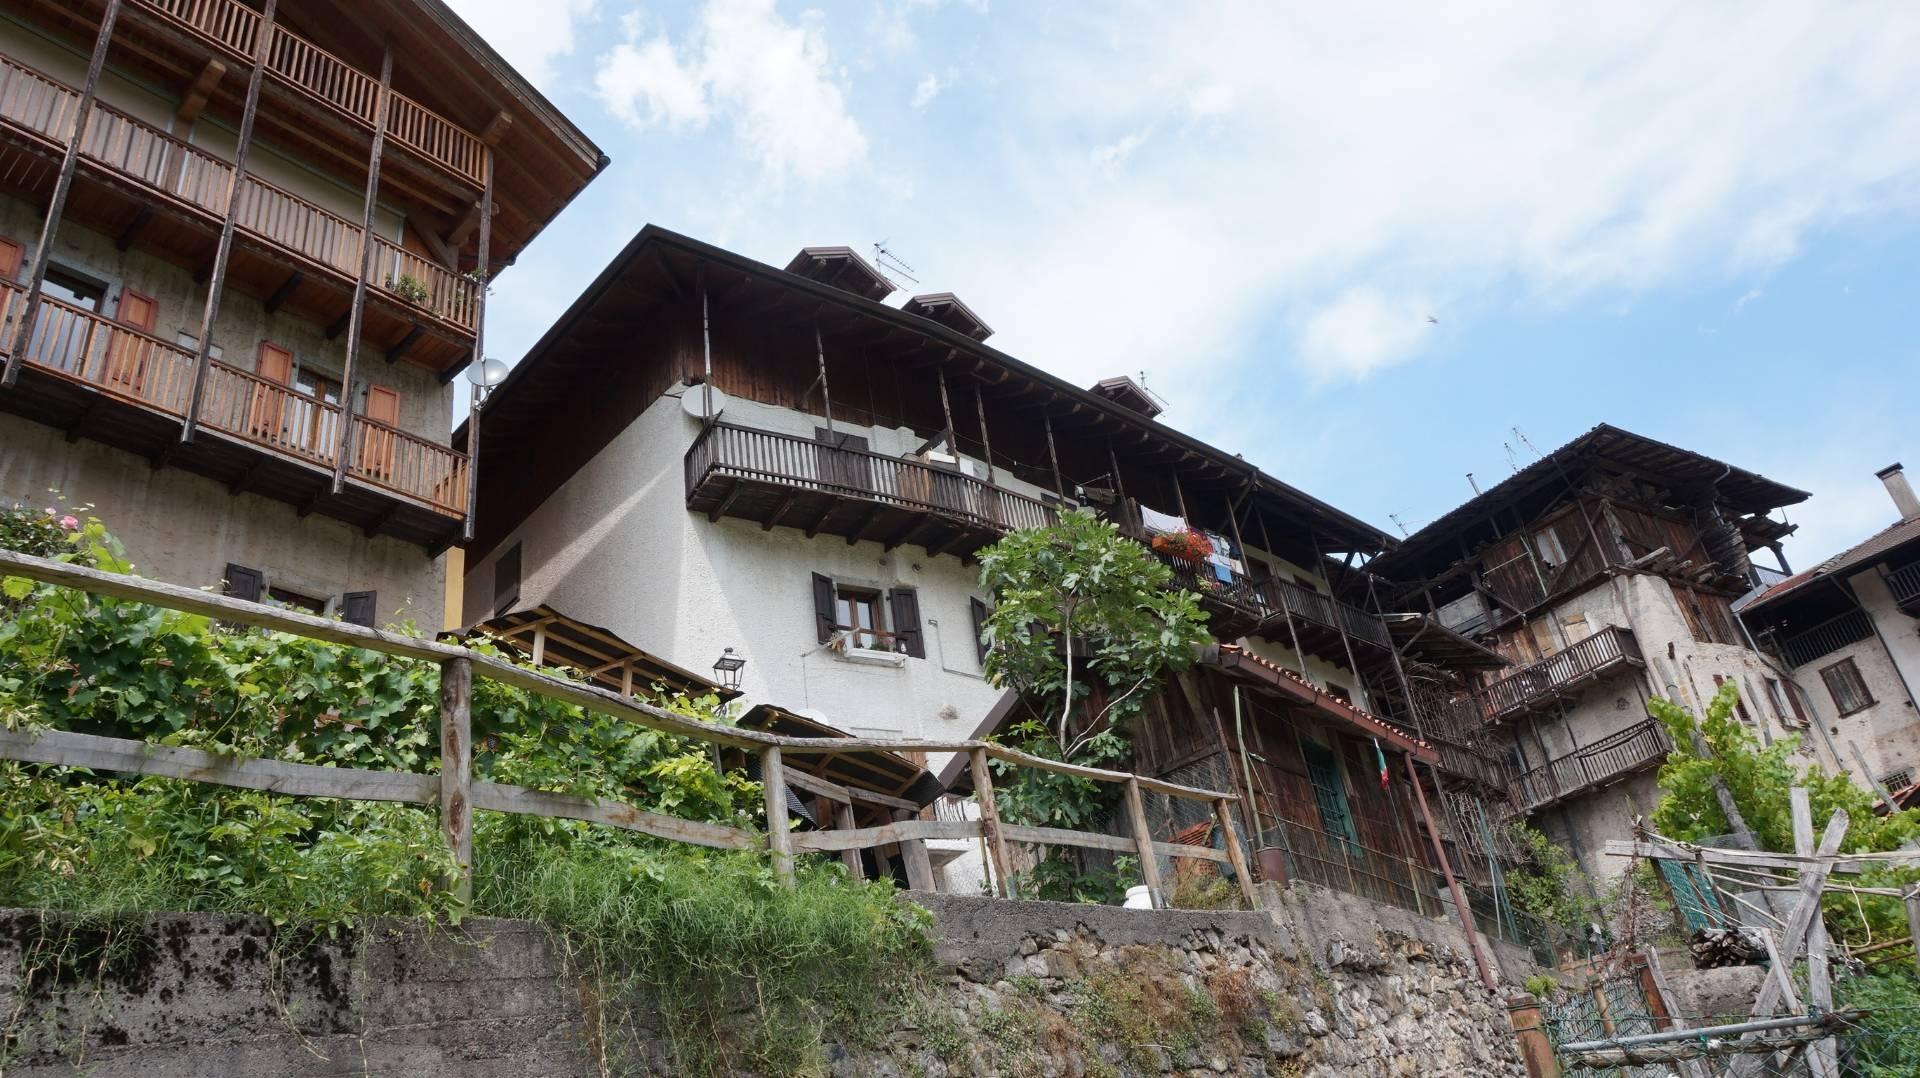 Appartamento in vendita a Cimego, 3 locali, prezzo € 70.000 | CambioCasa.it